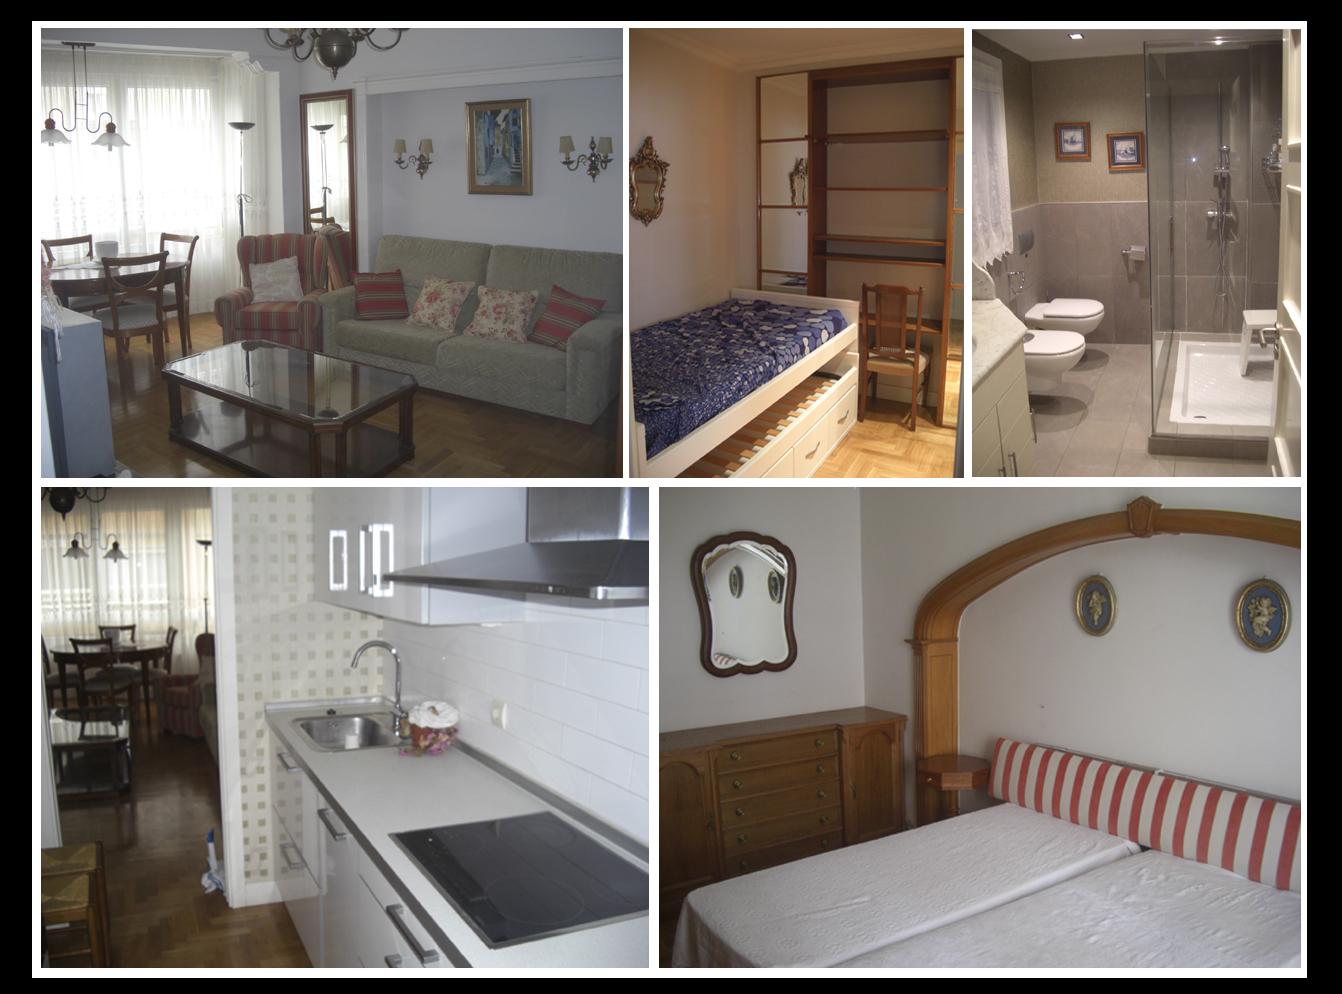 Alquilar piso en zarautz - Apartamentos en zarauz ...